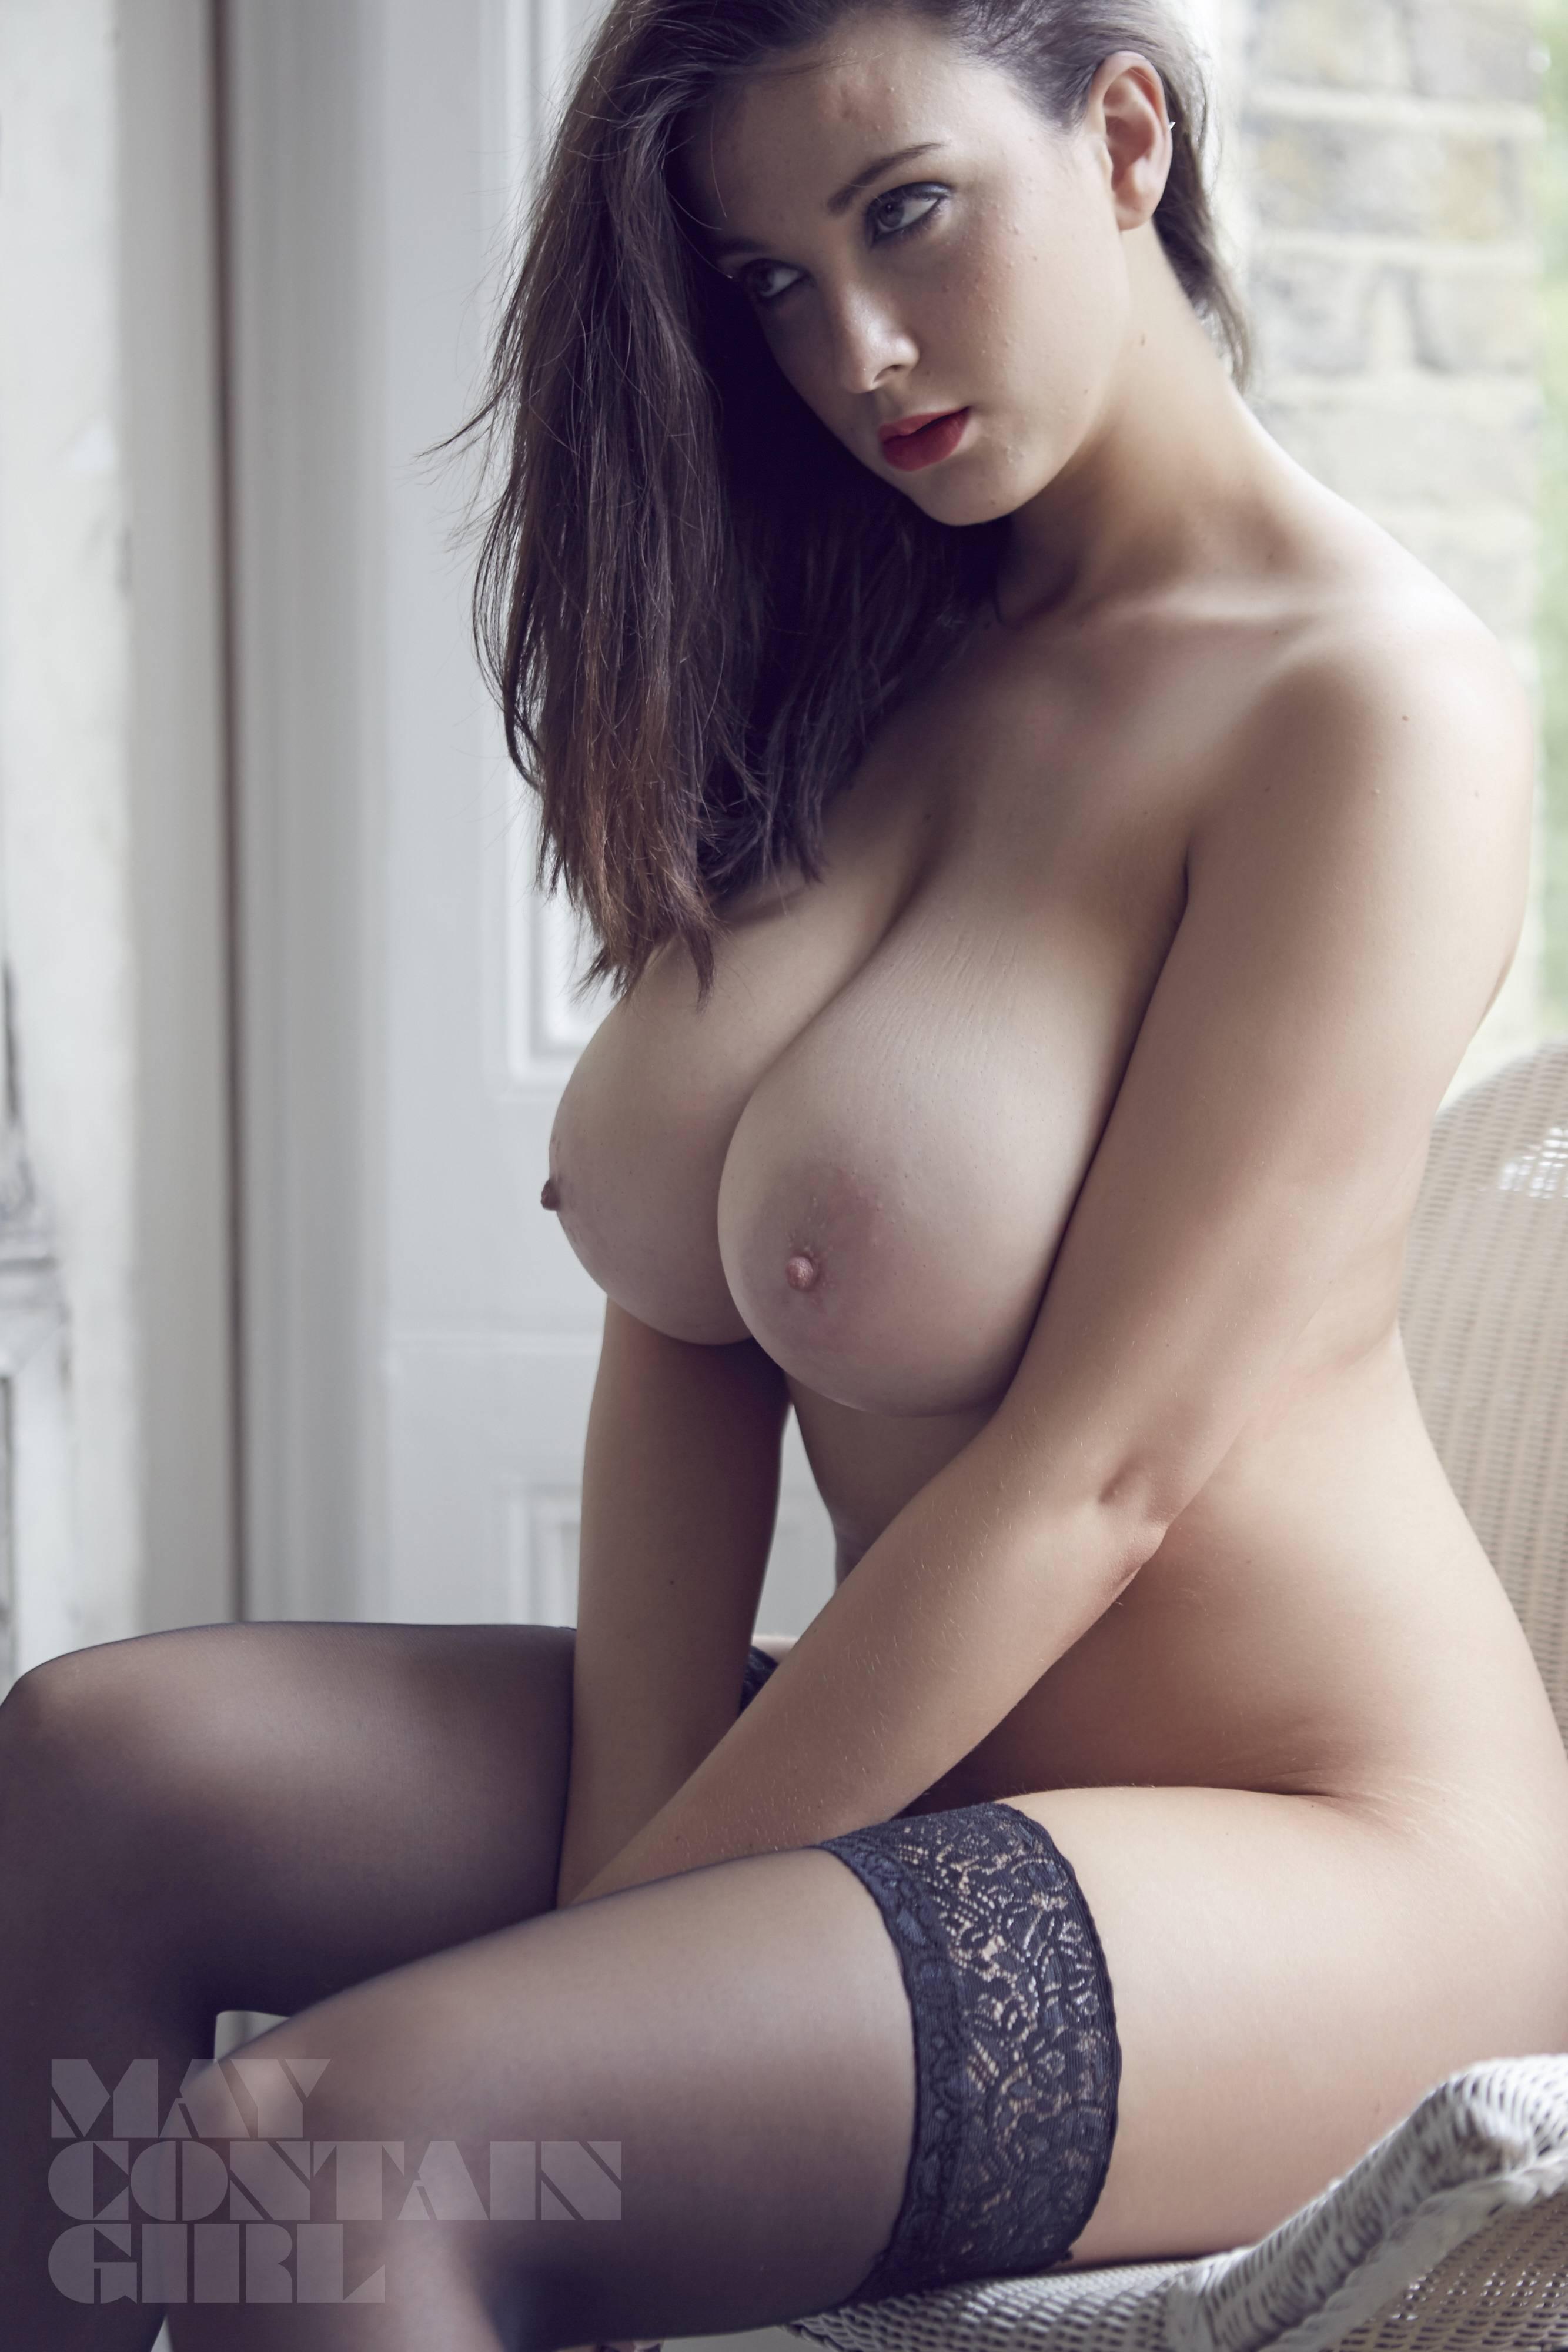 Hot nude boobs